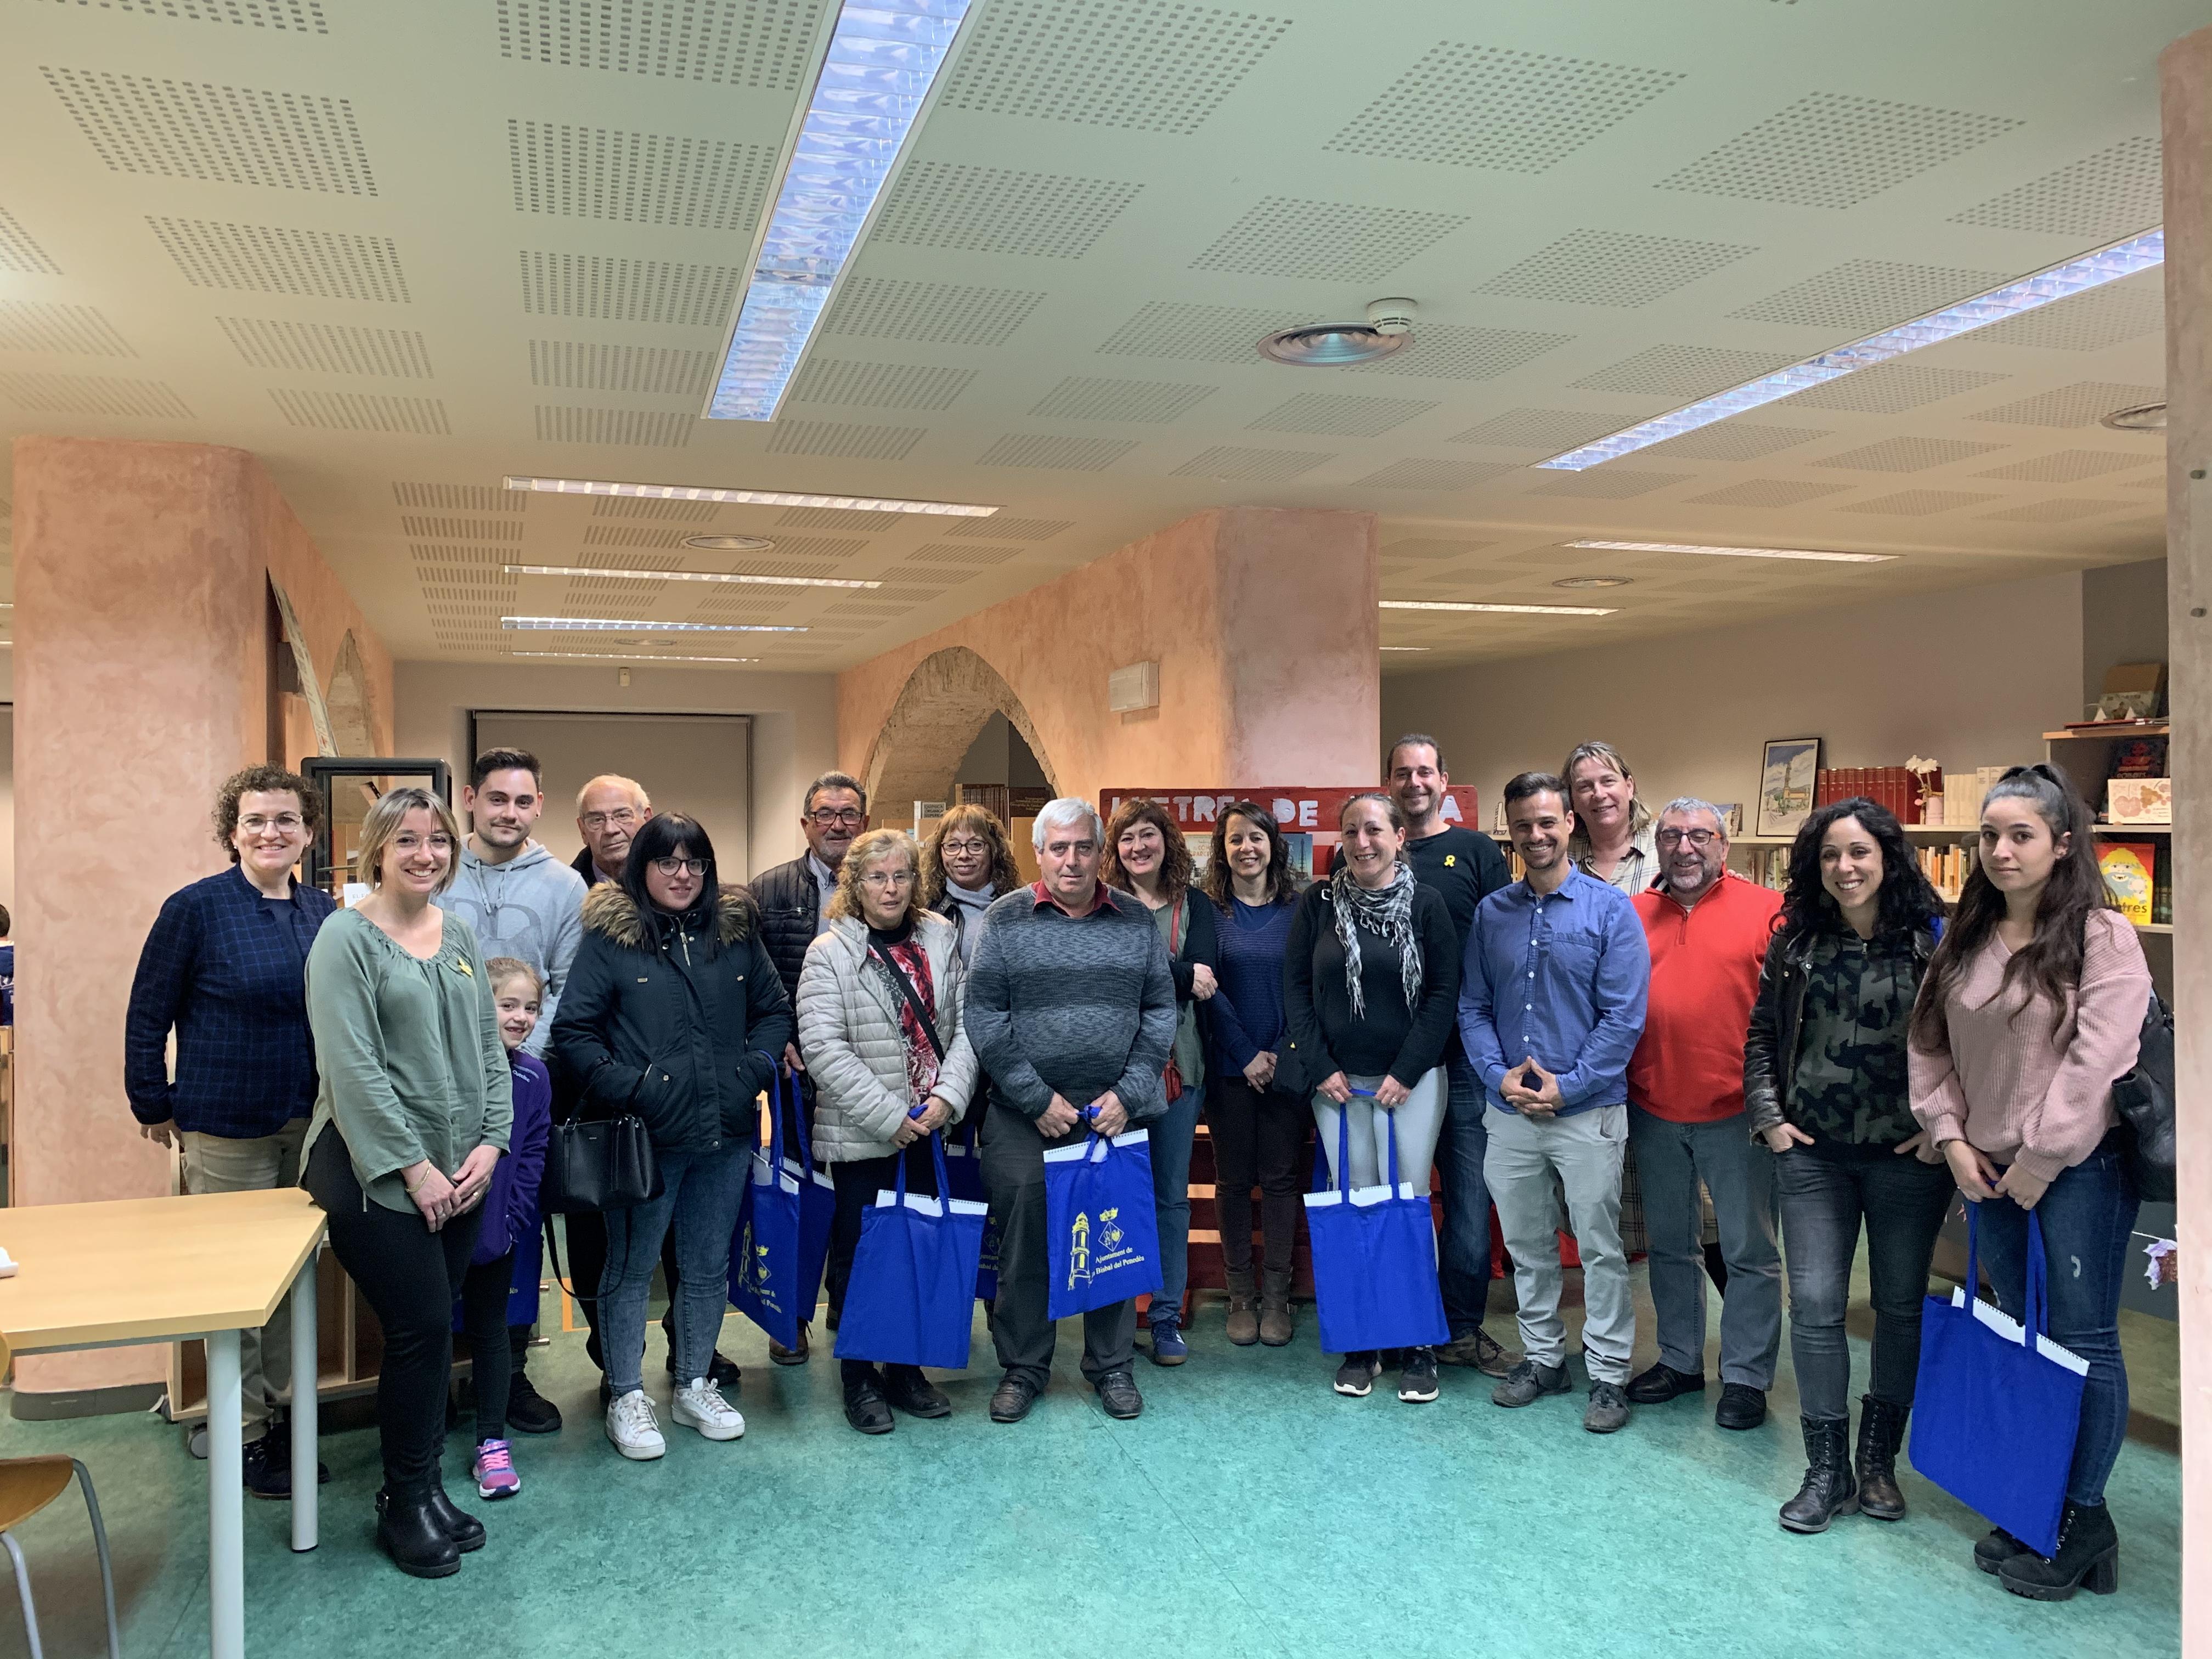 L'Ajuntament de la Bisbal del Penedès ha donat la benvinguda als nous empadronats aquest dilluns 3 de febrer